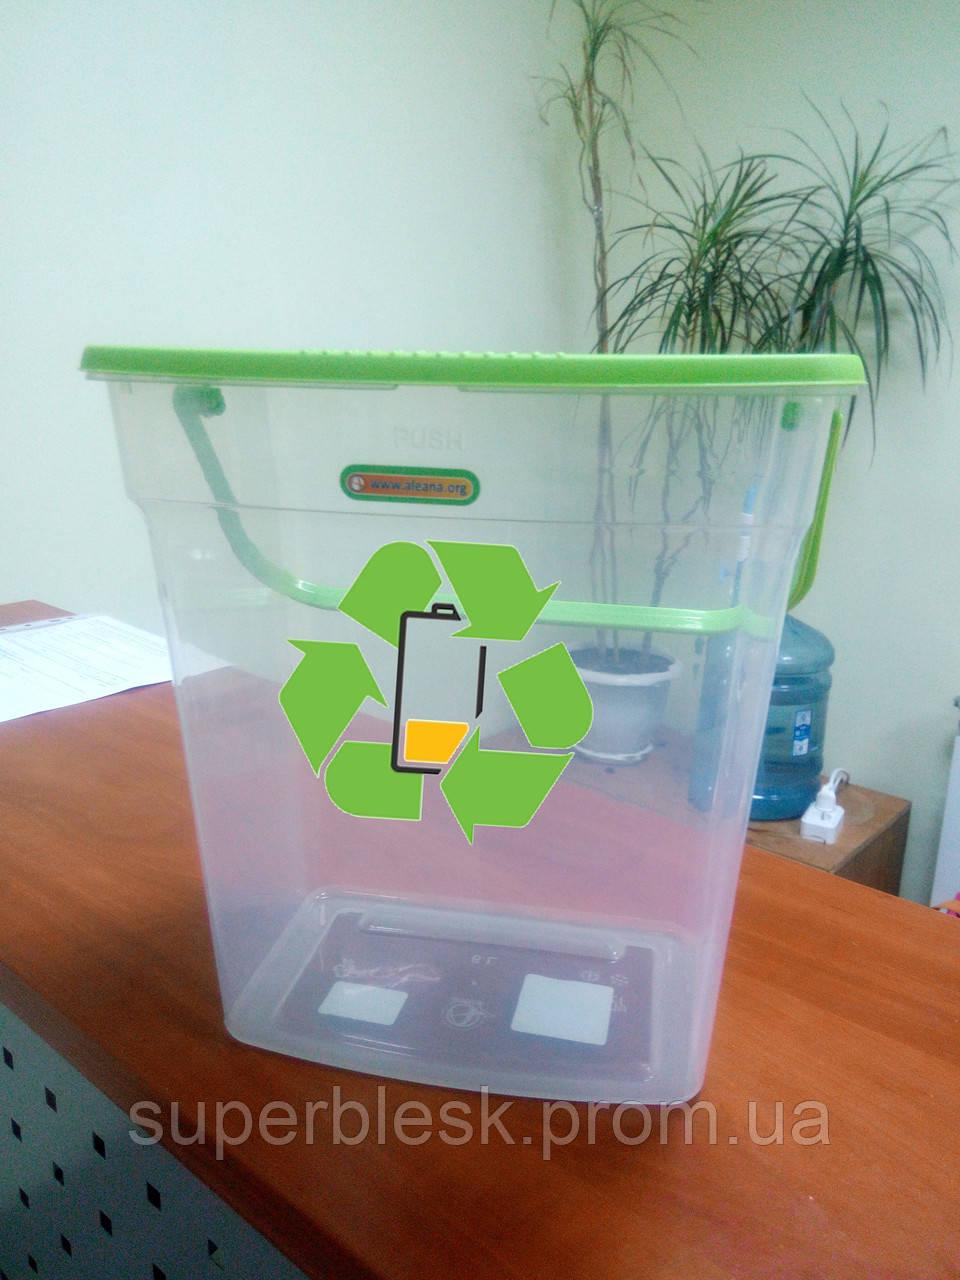 Корзина-контейнер 6 л, для сбора использованных батареек.